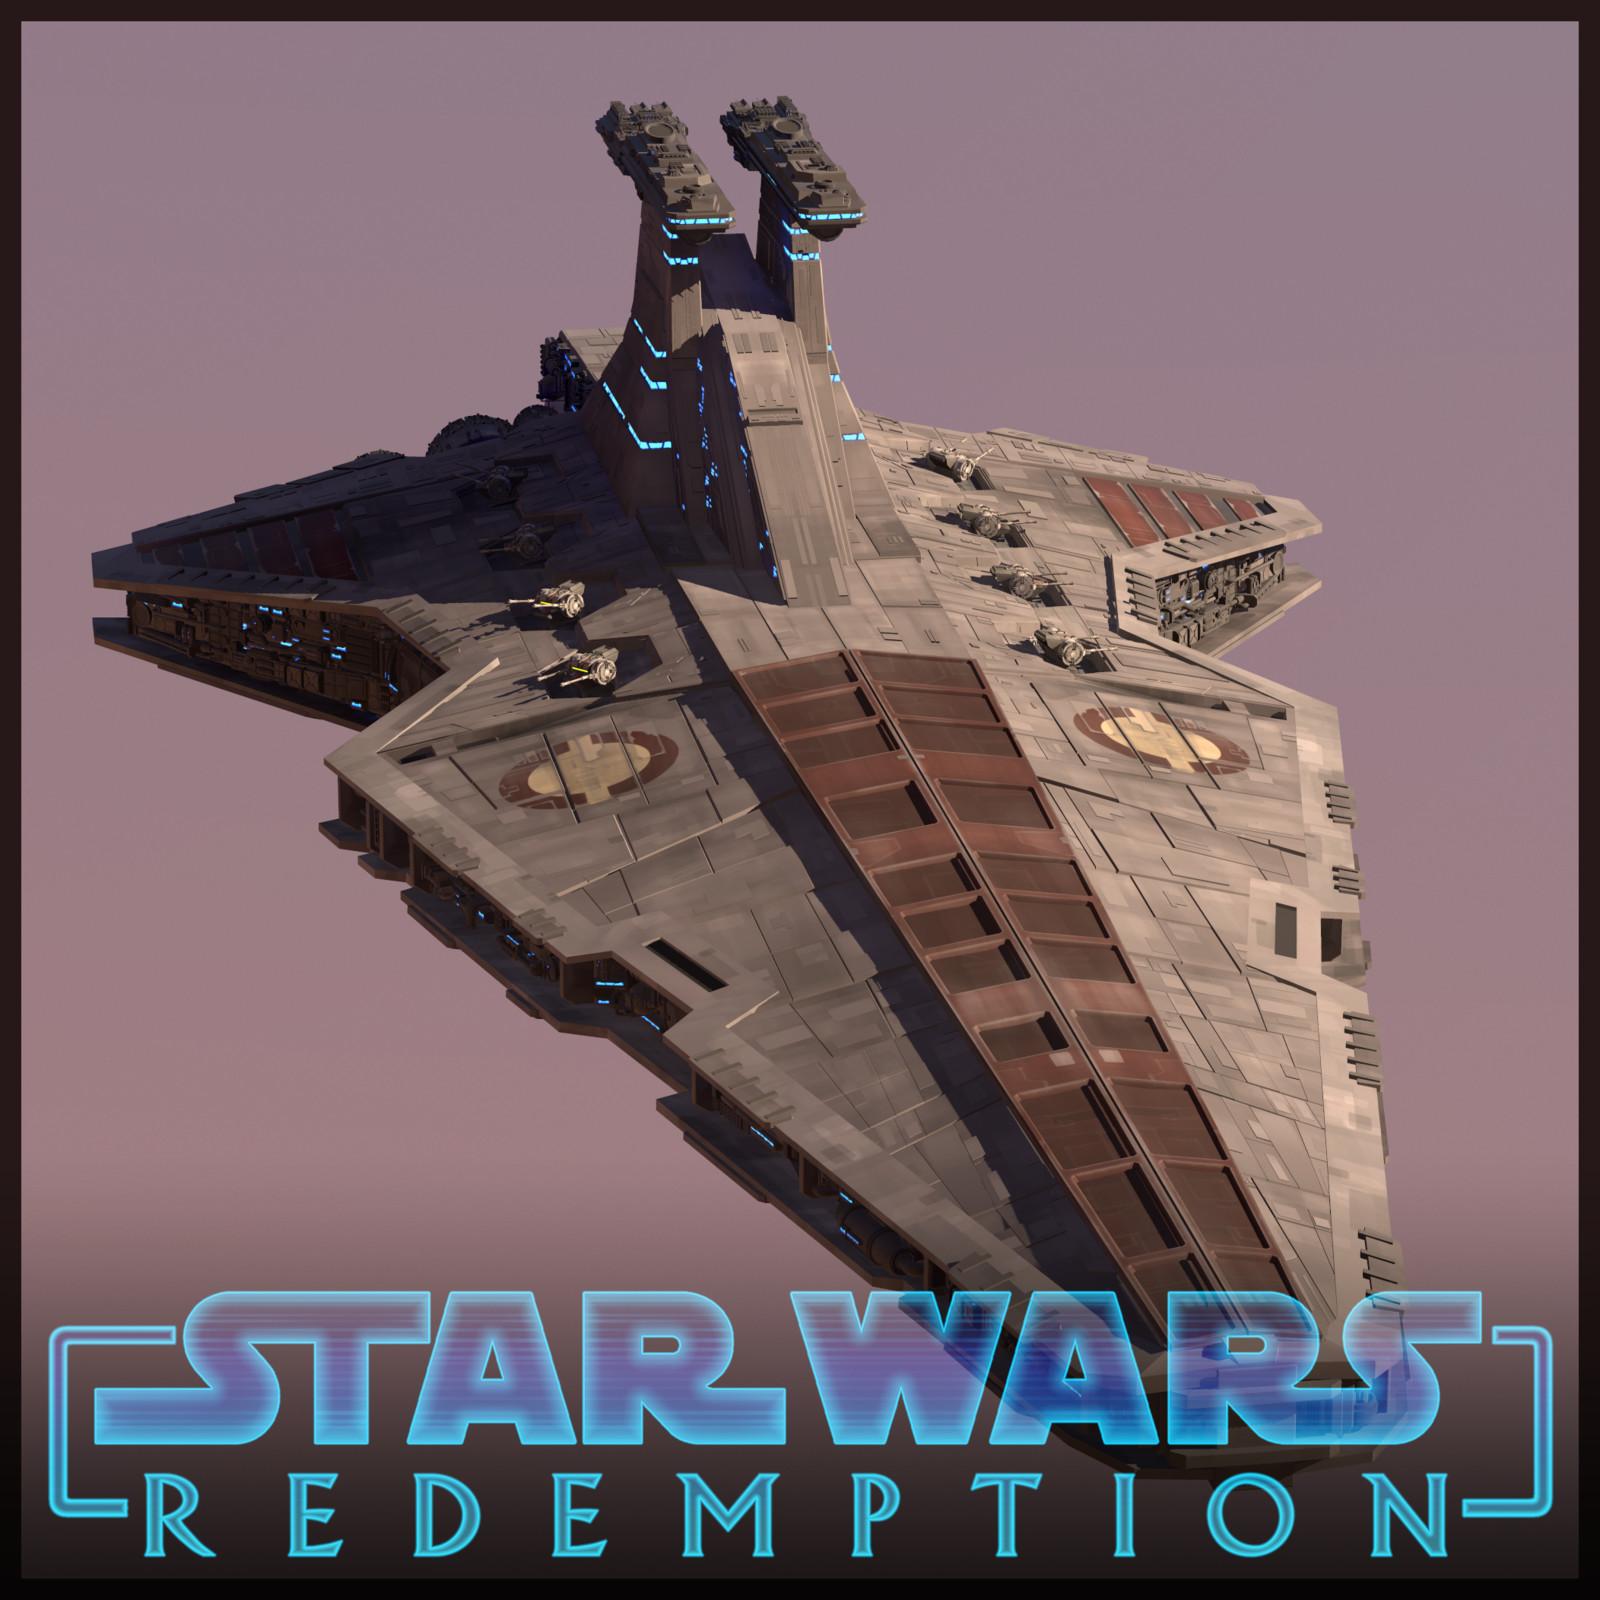 Star Wars - Redemption | StarDestroyer Class Venator